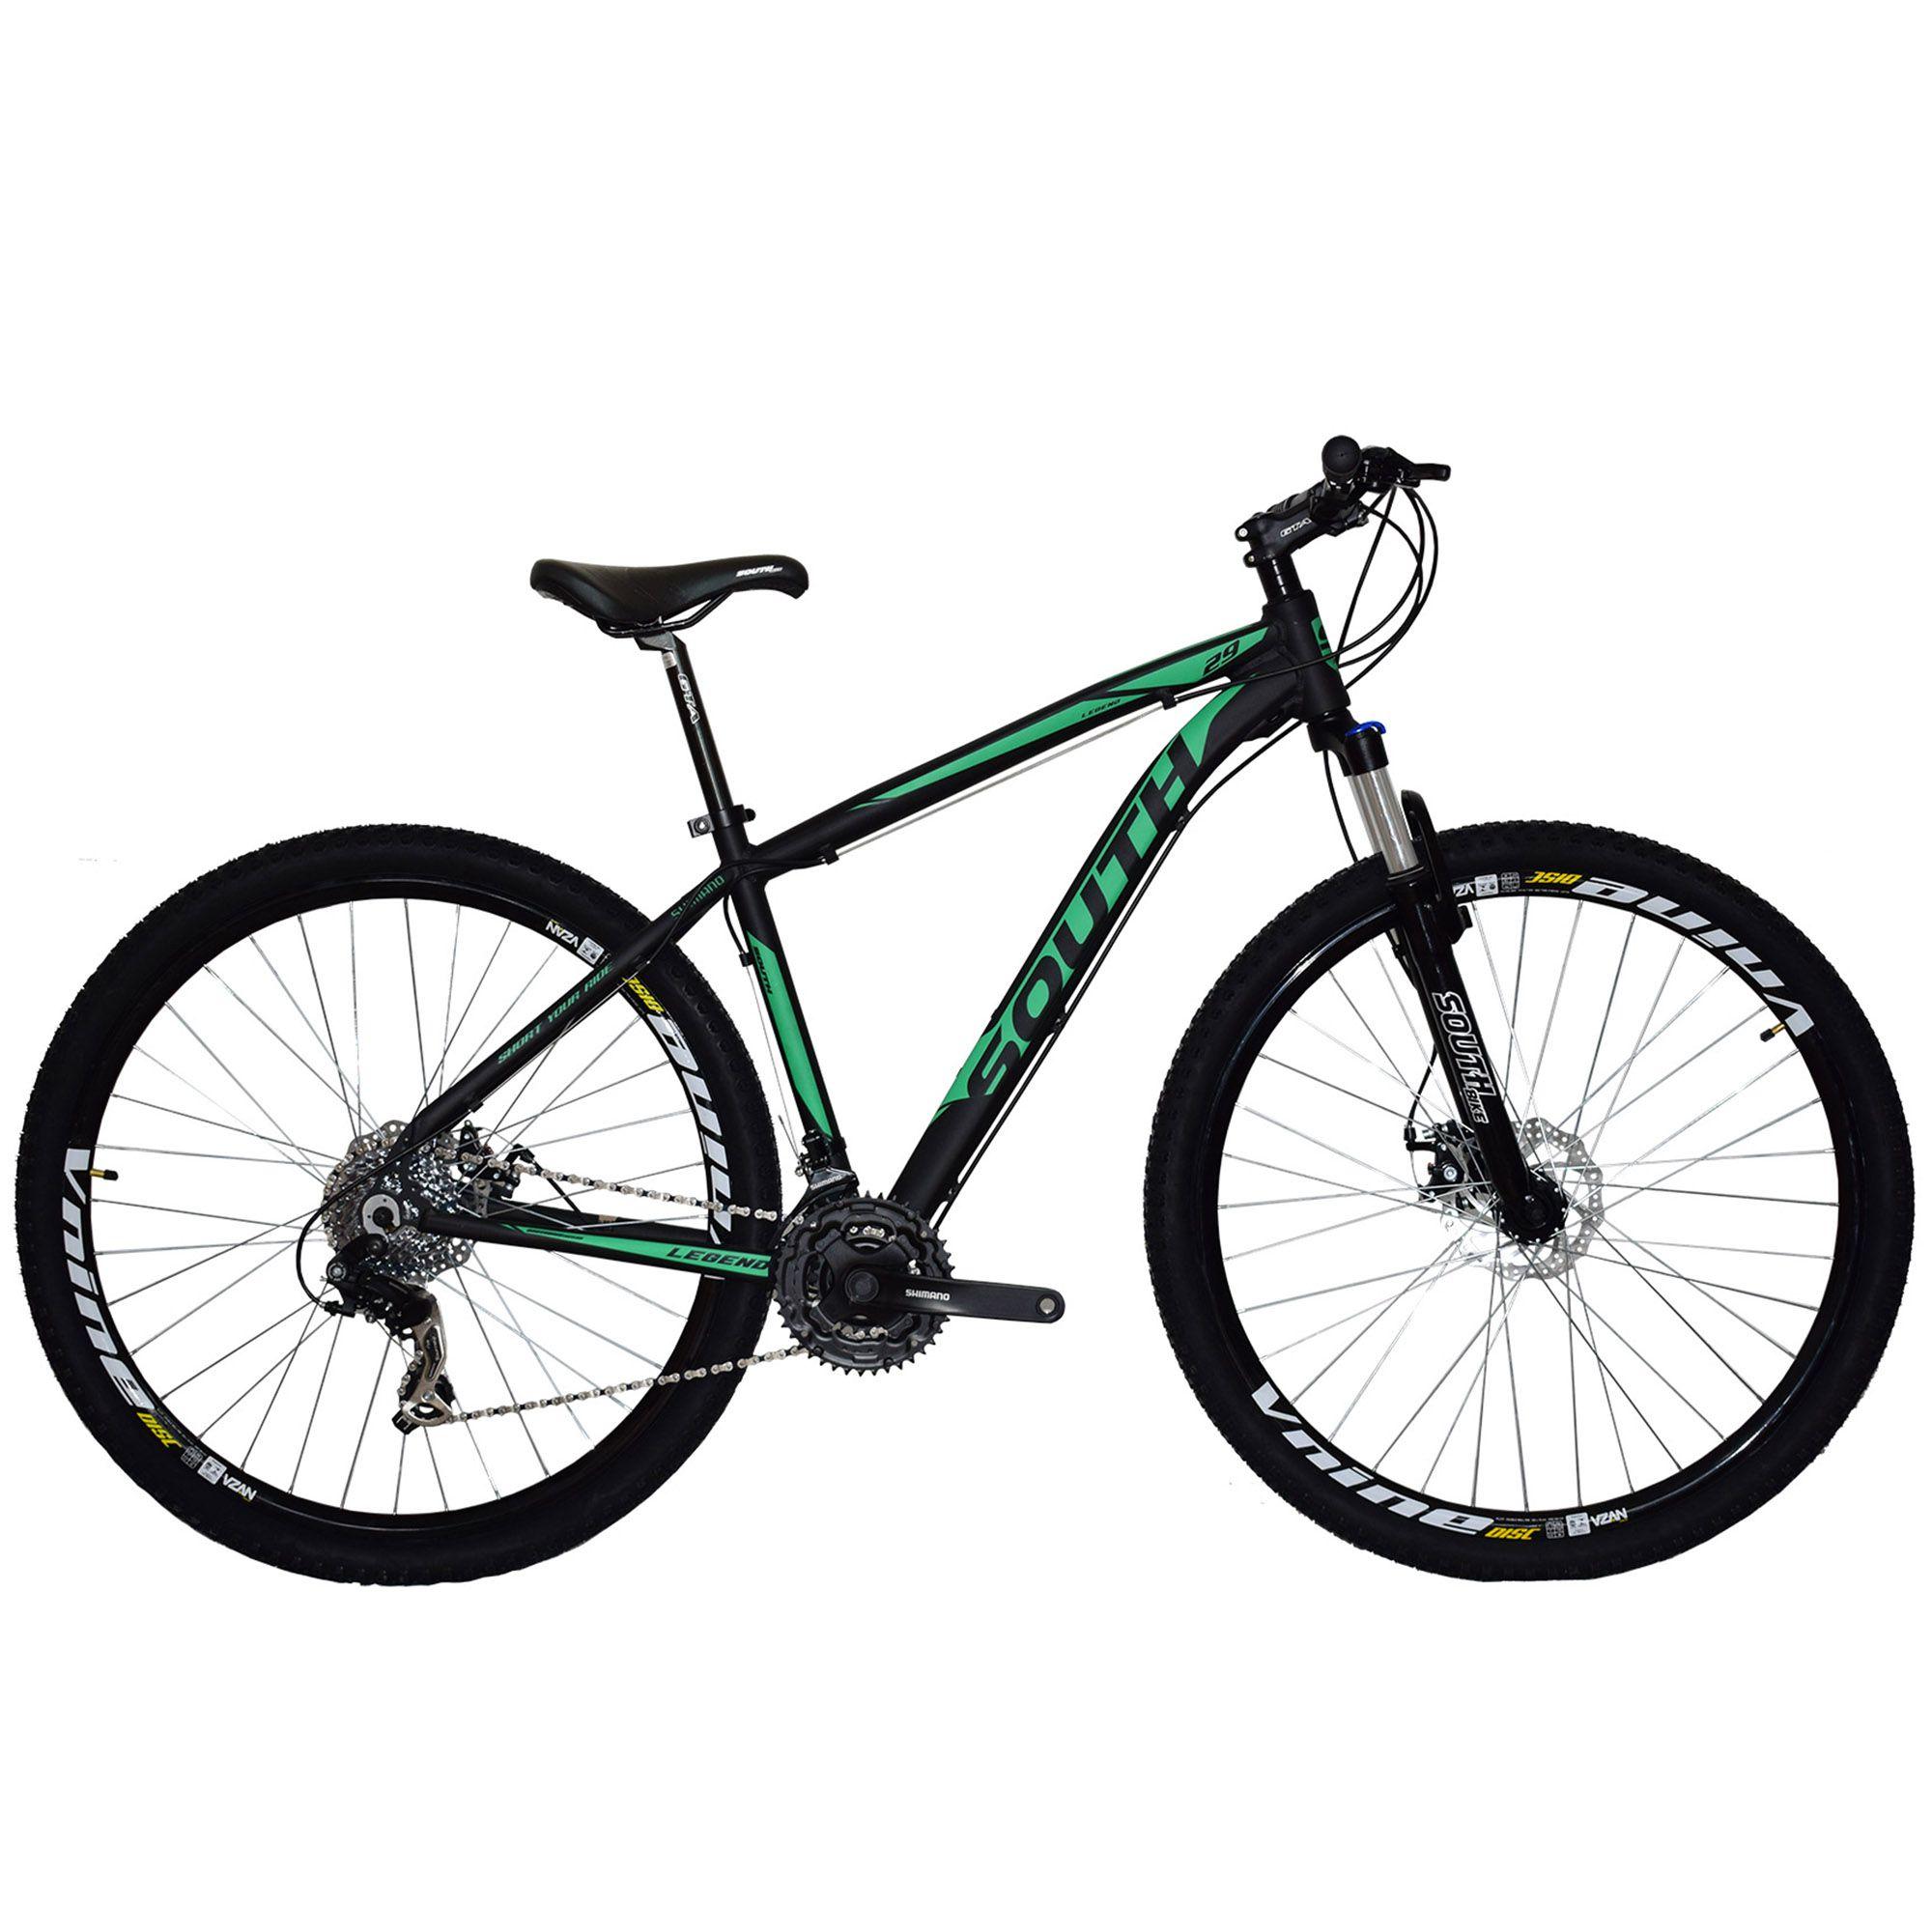 Bicicleta South Legend 2018 Shimano - 24 Marchas - Suspensão 100mm - Aluminio